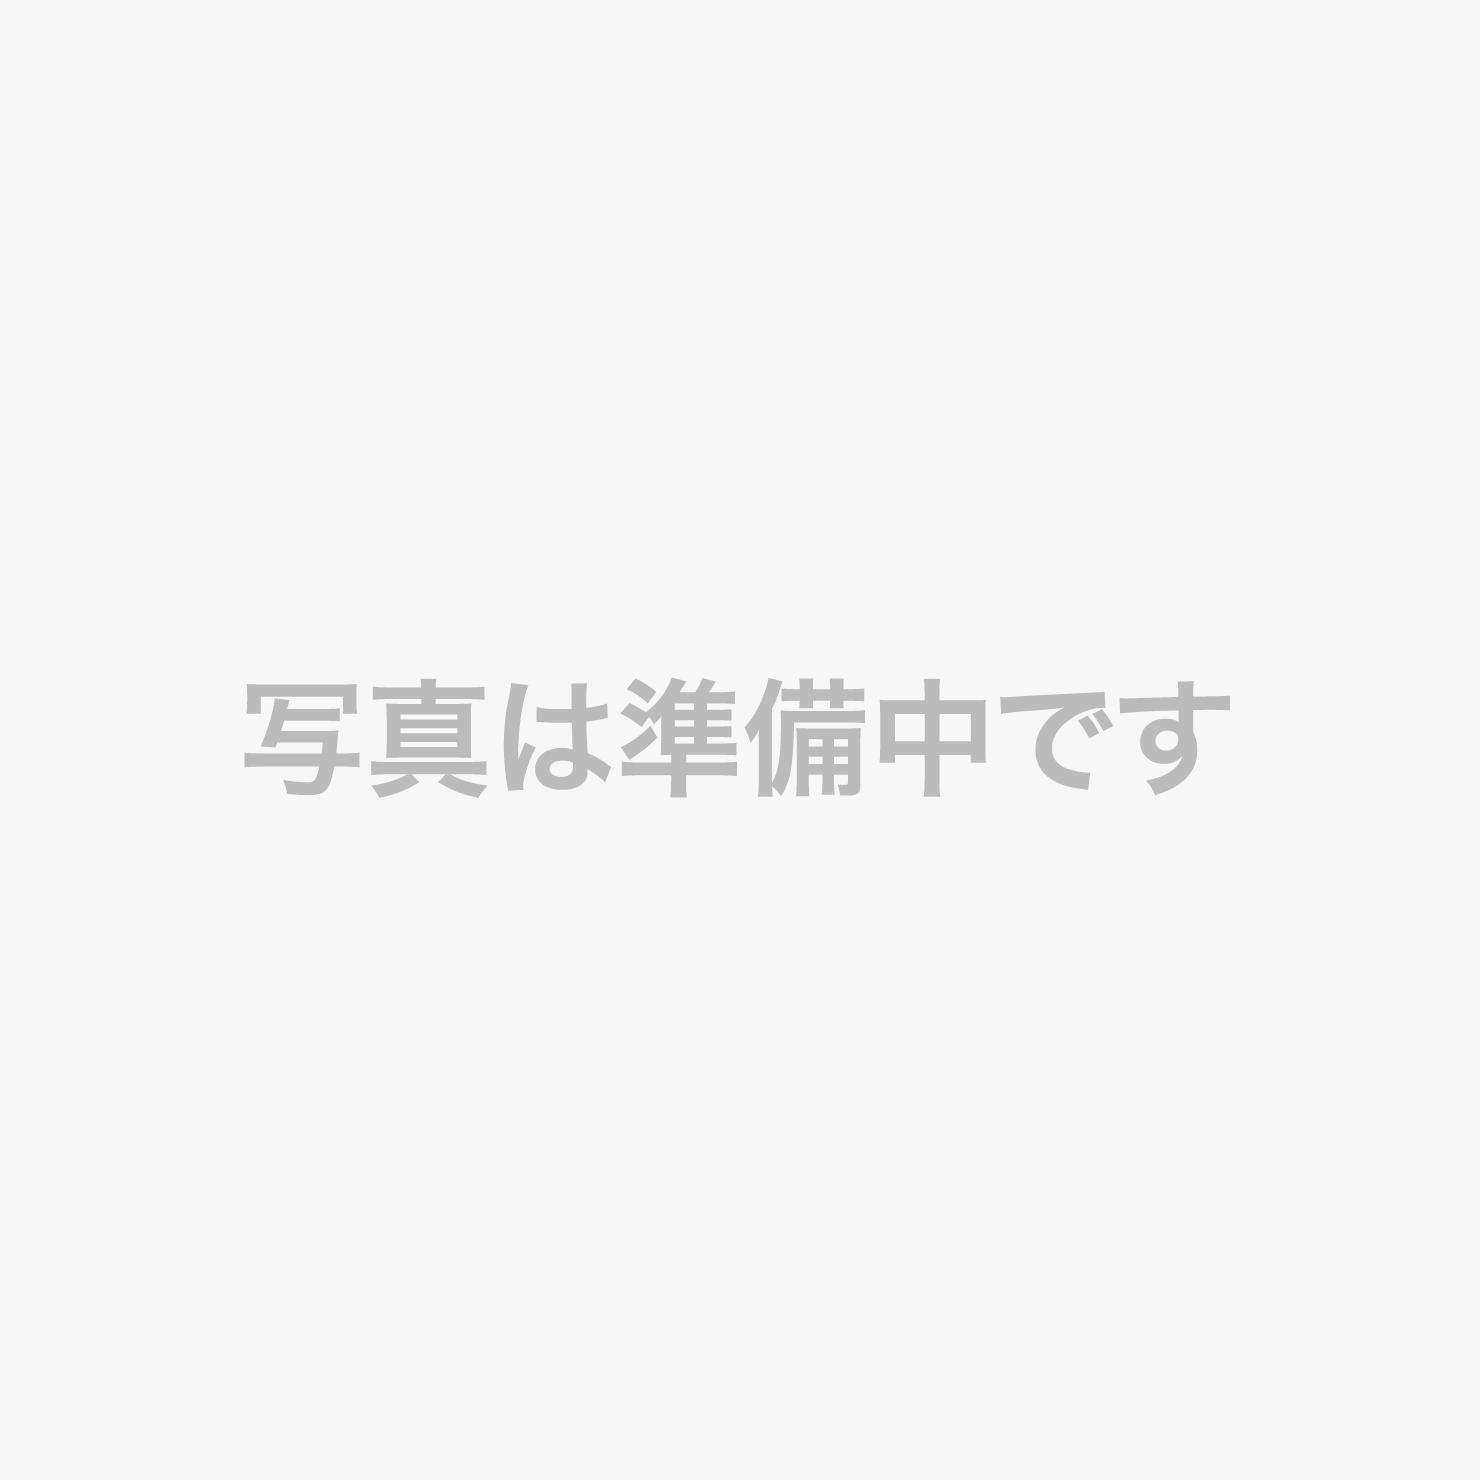 【9~11月】秋の料理バイキング『海の幸 マグロ丼』※イメージ画像